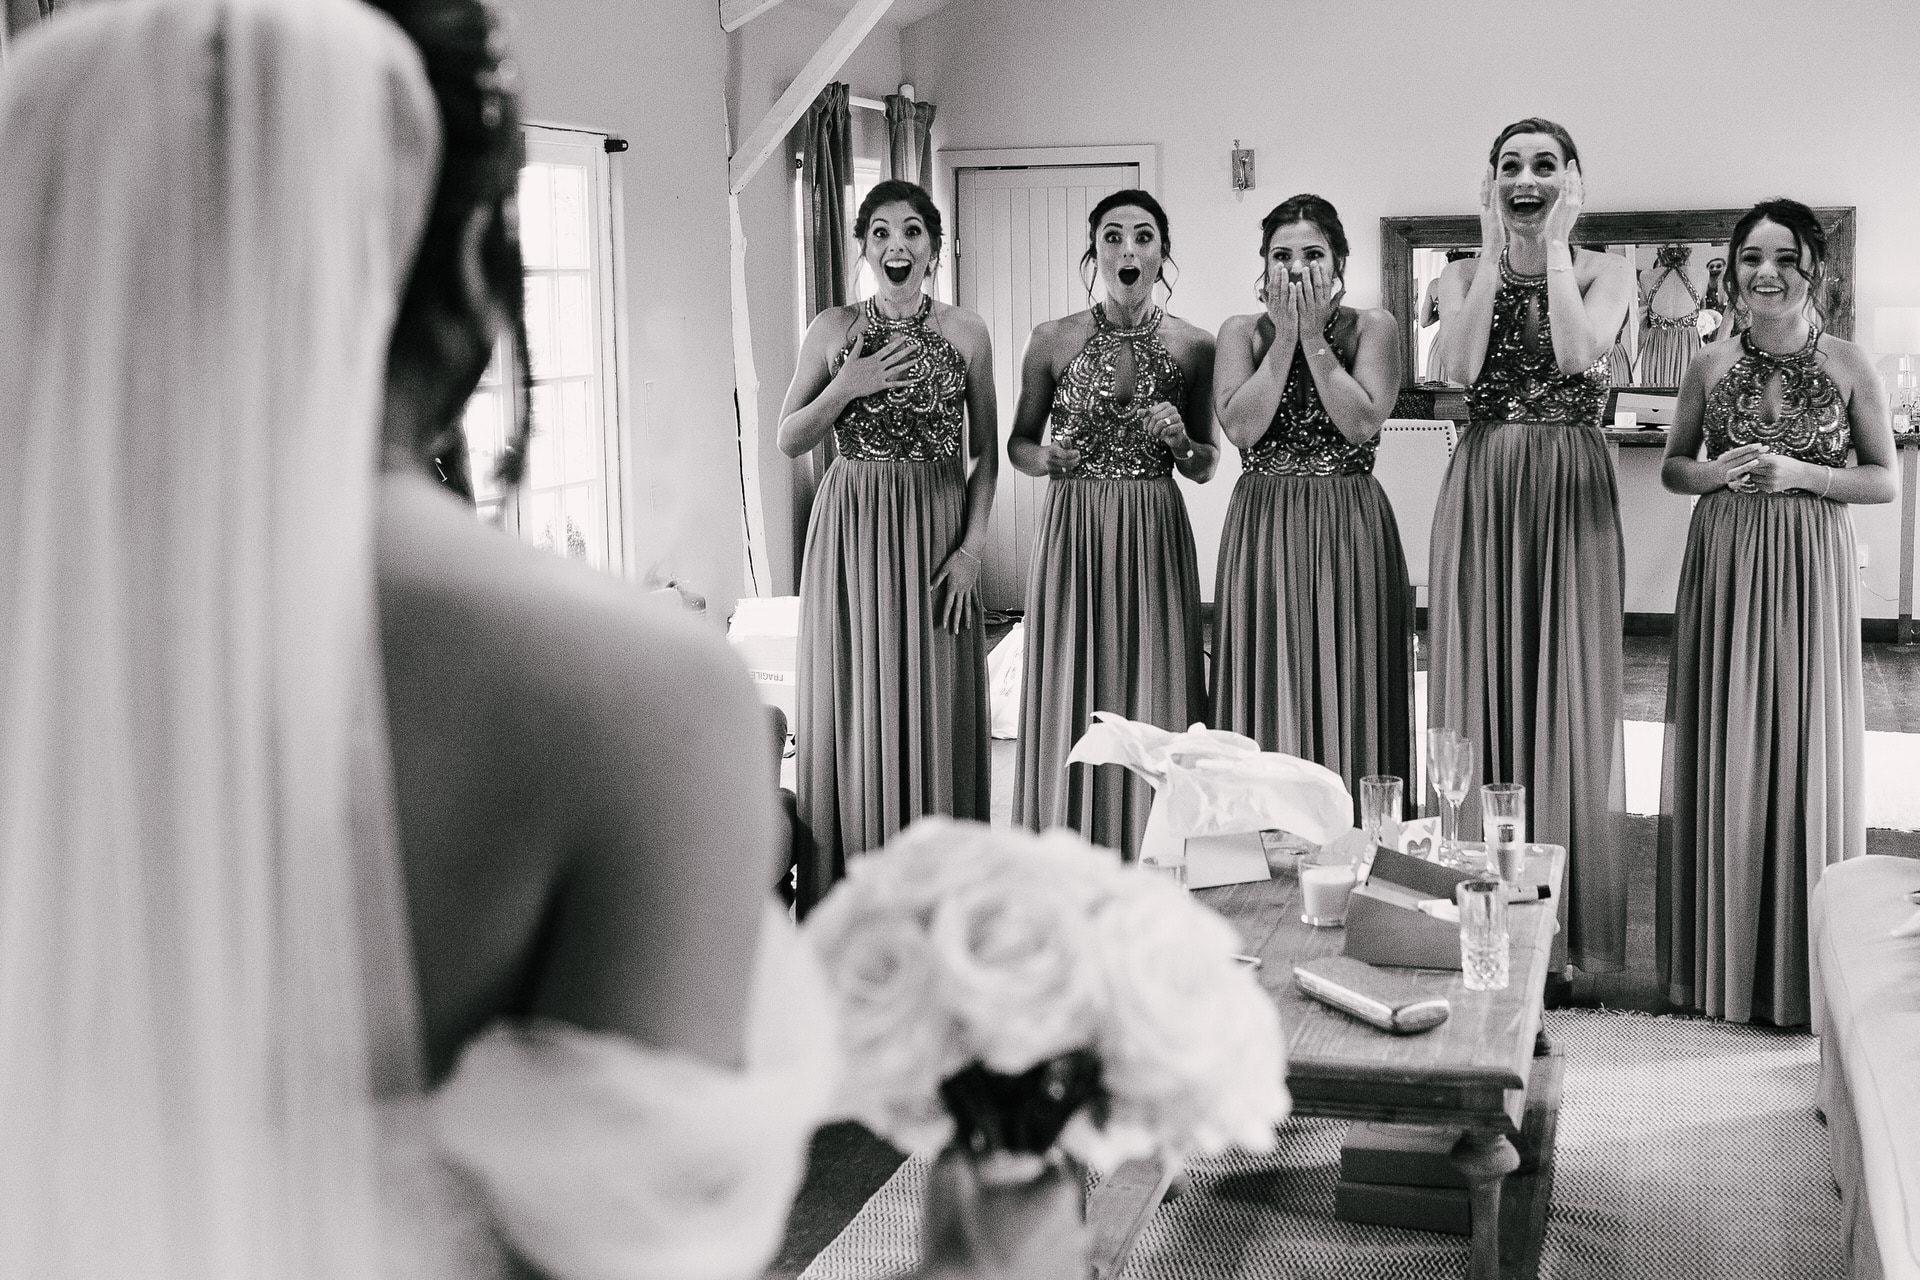 Loseley Park wedding venue - Bride's Room